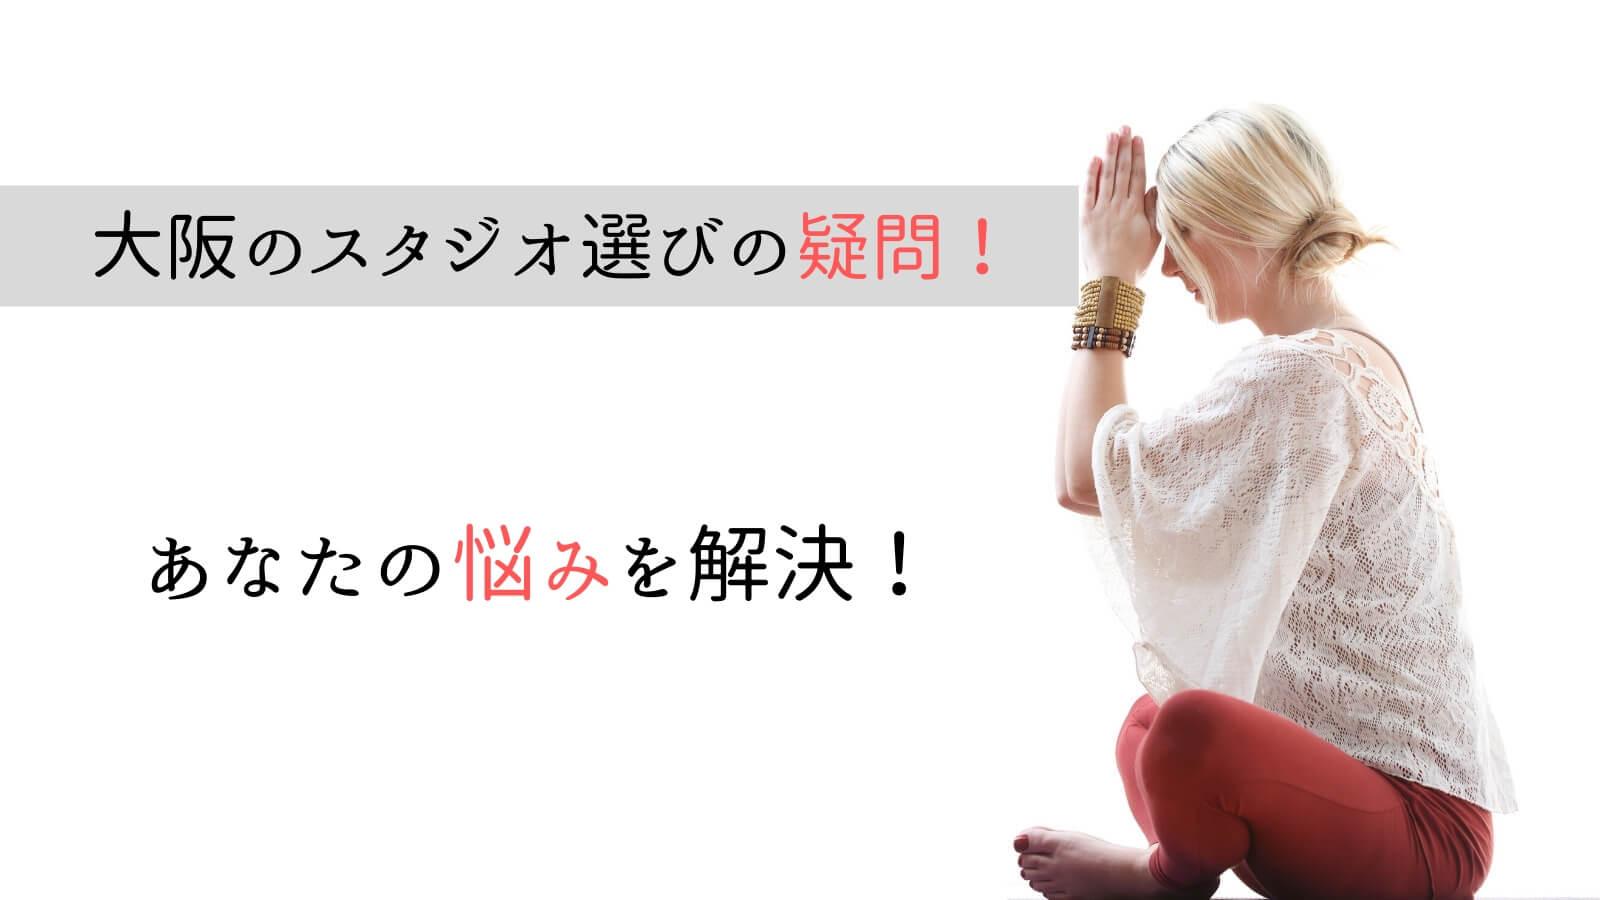 大阪でのマタニティヨガスタジオ選びに関するQ&A